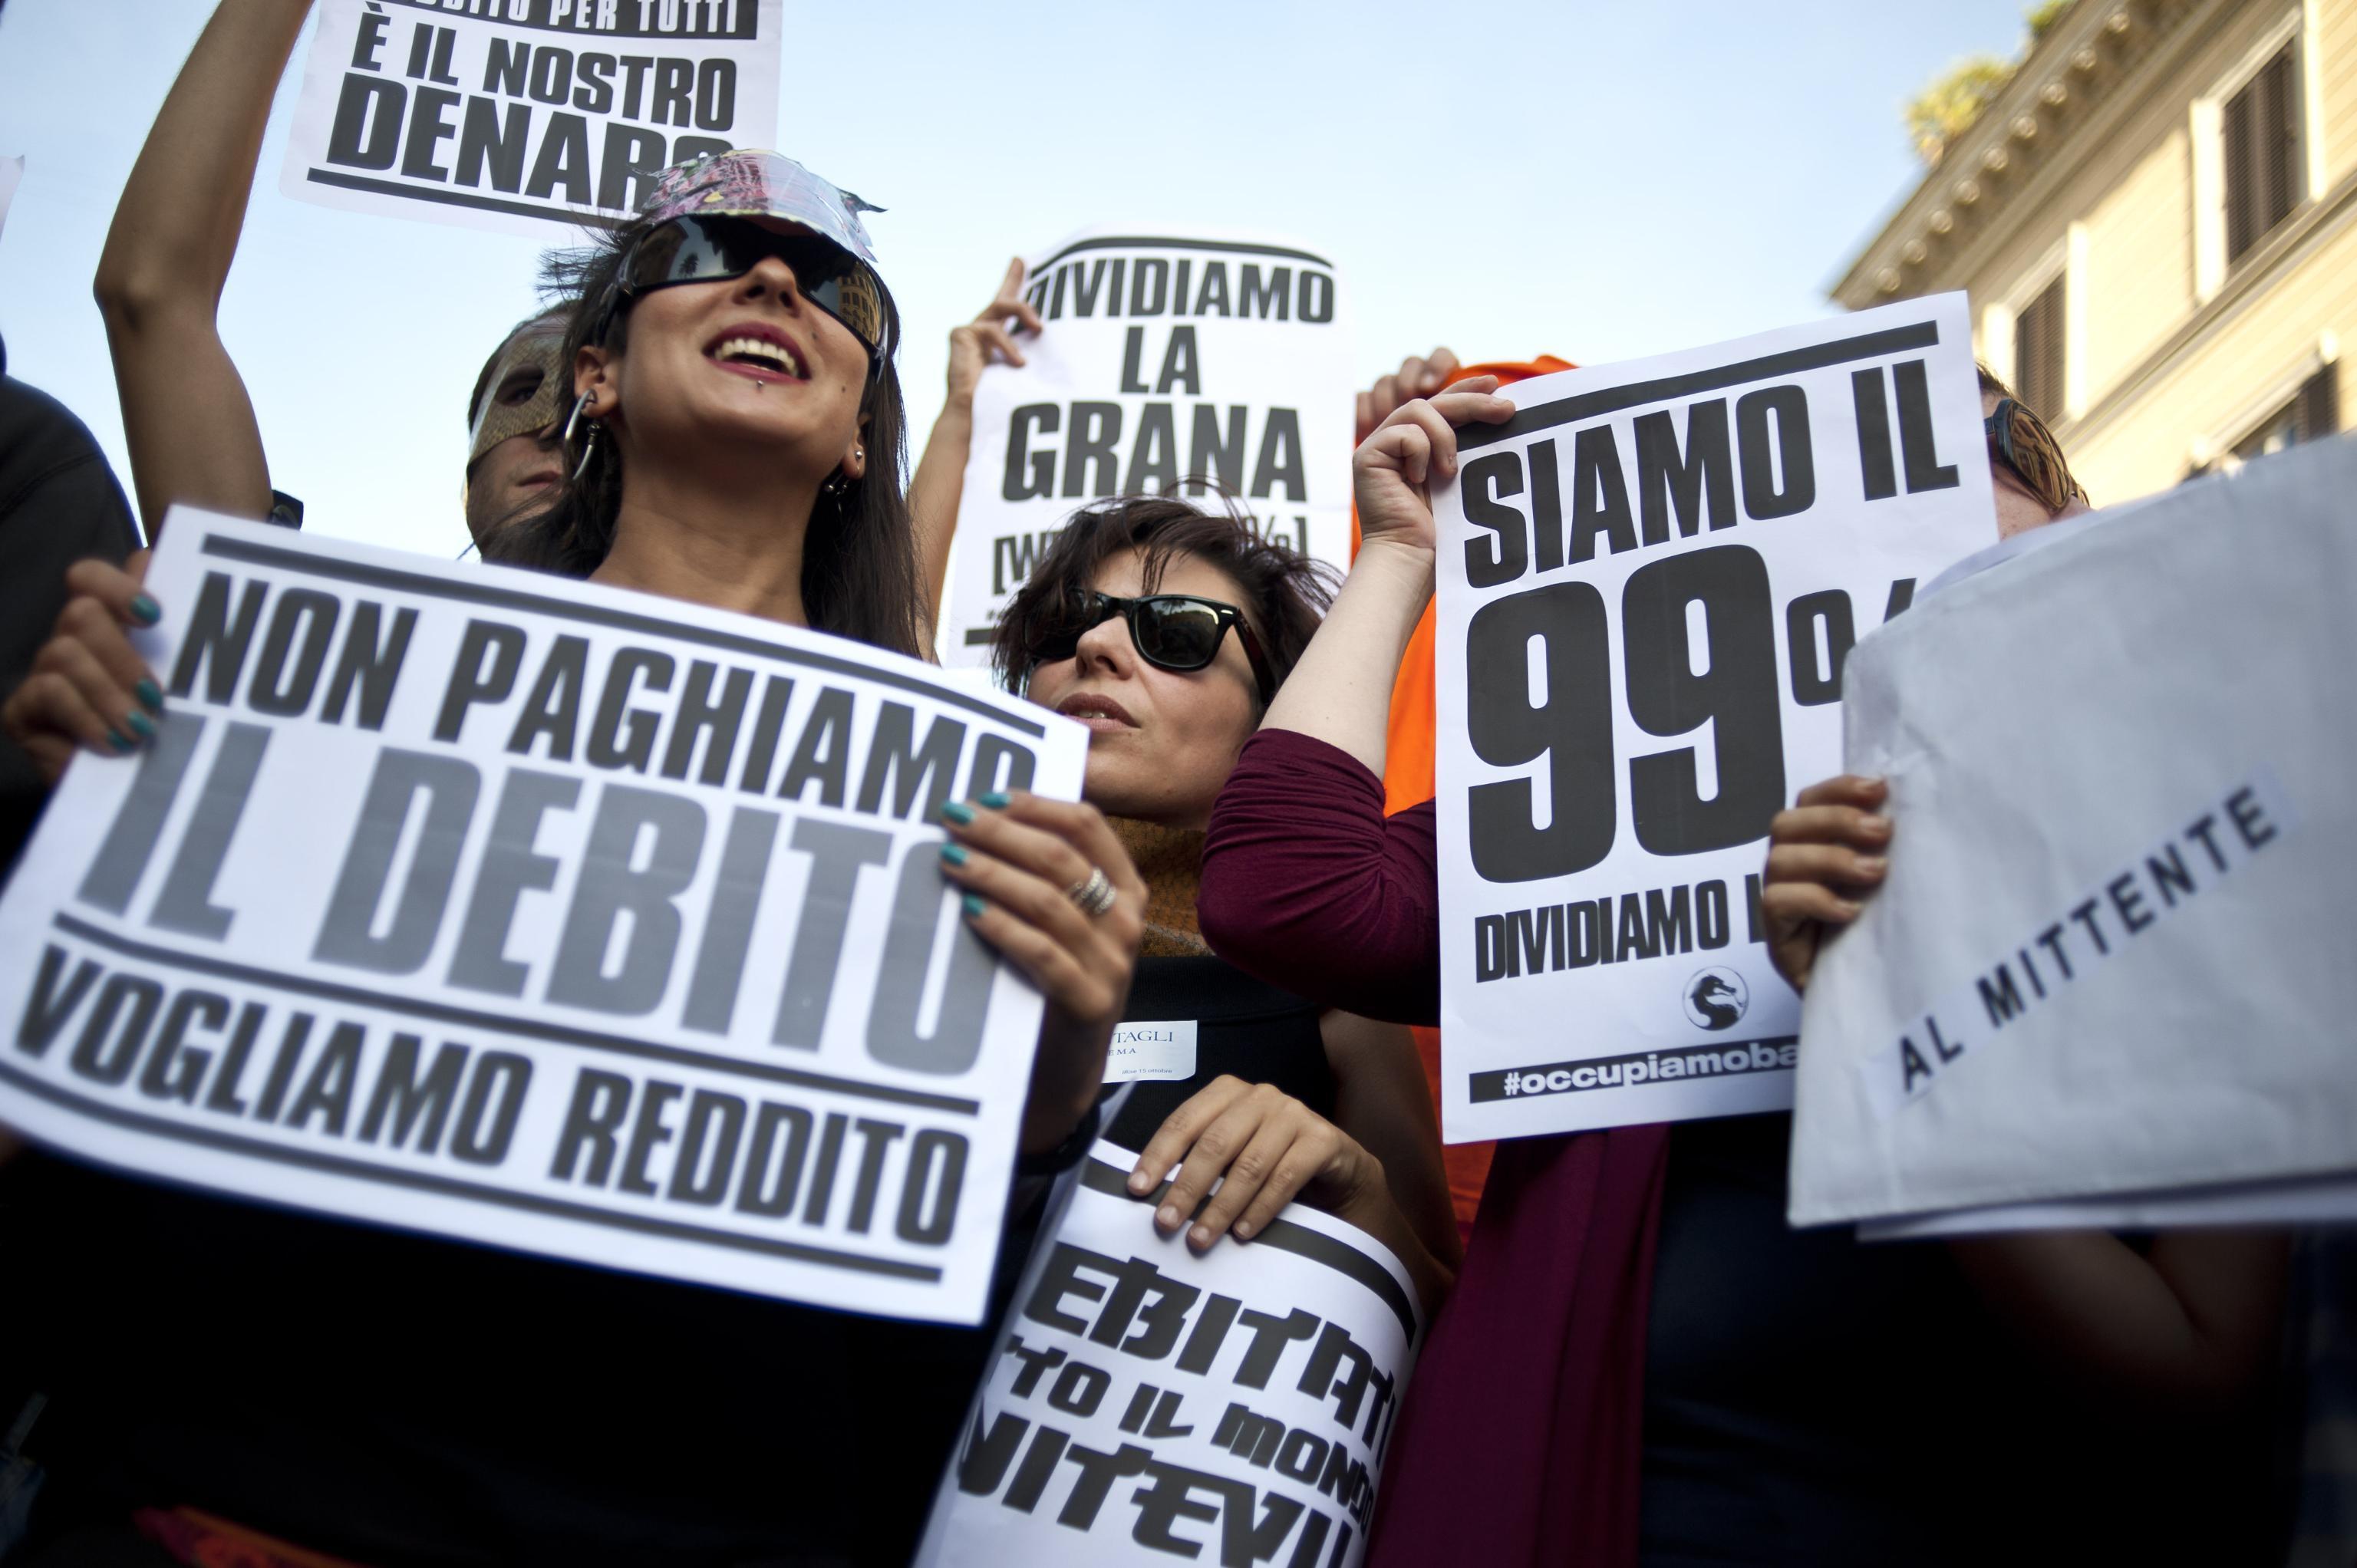 La protesta(Jpeg)